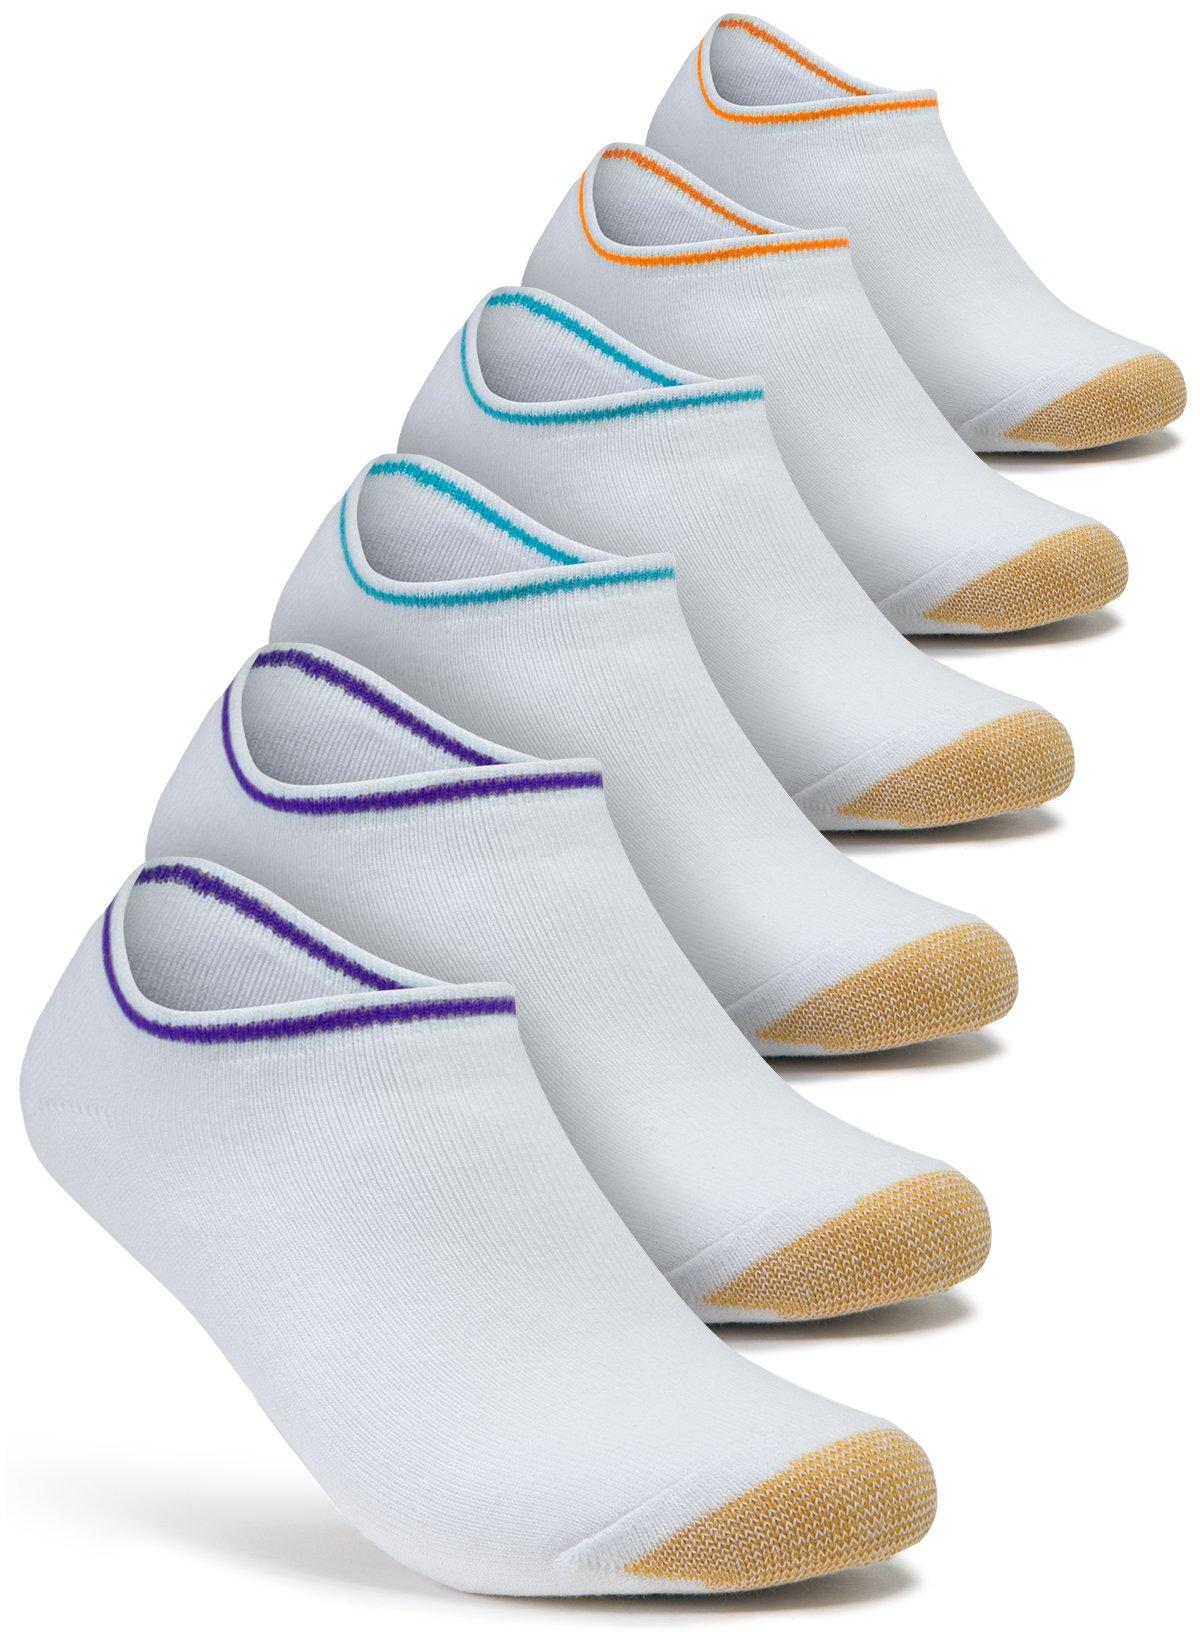 Tesla TM-MZS09-ALW_Medium 6-Pairs Unisex No-Show Casual Fashion Socks Atheltic MZS09